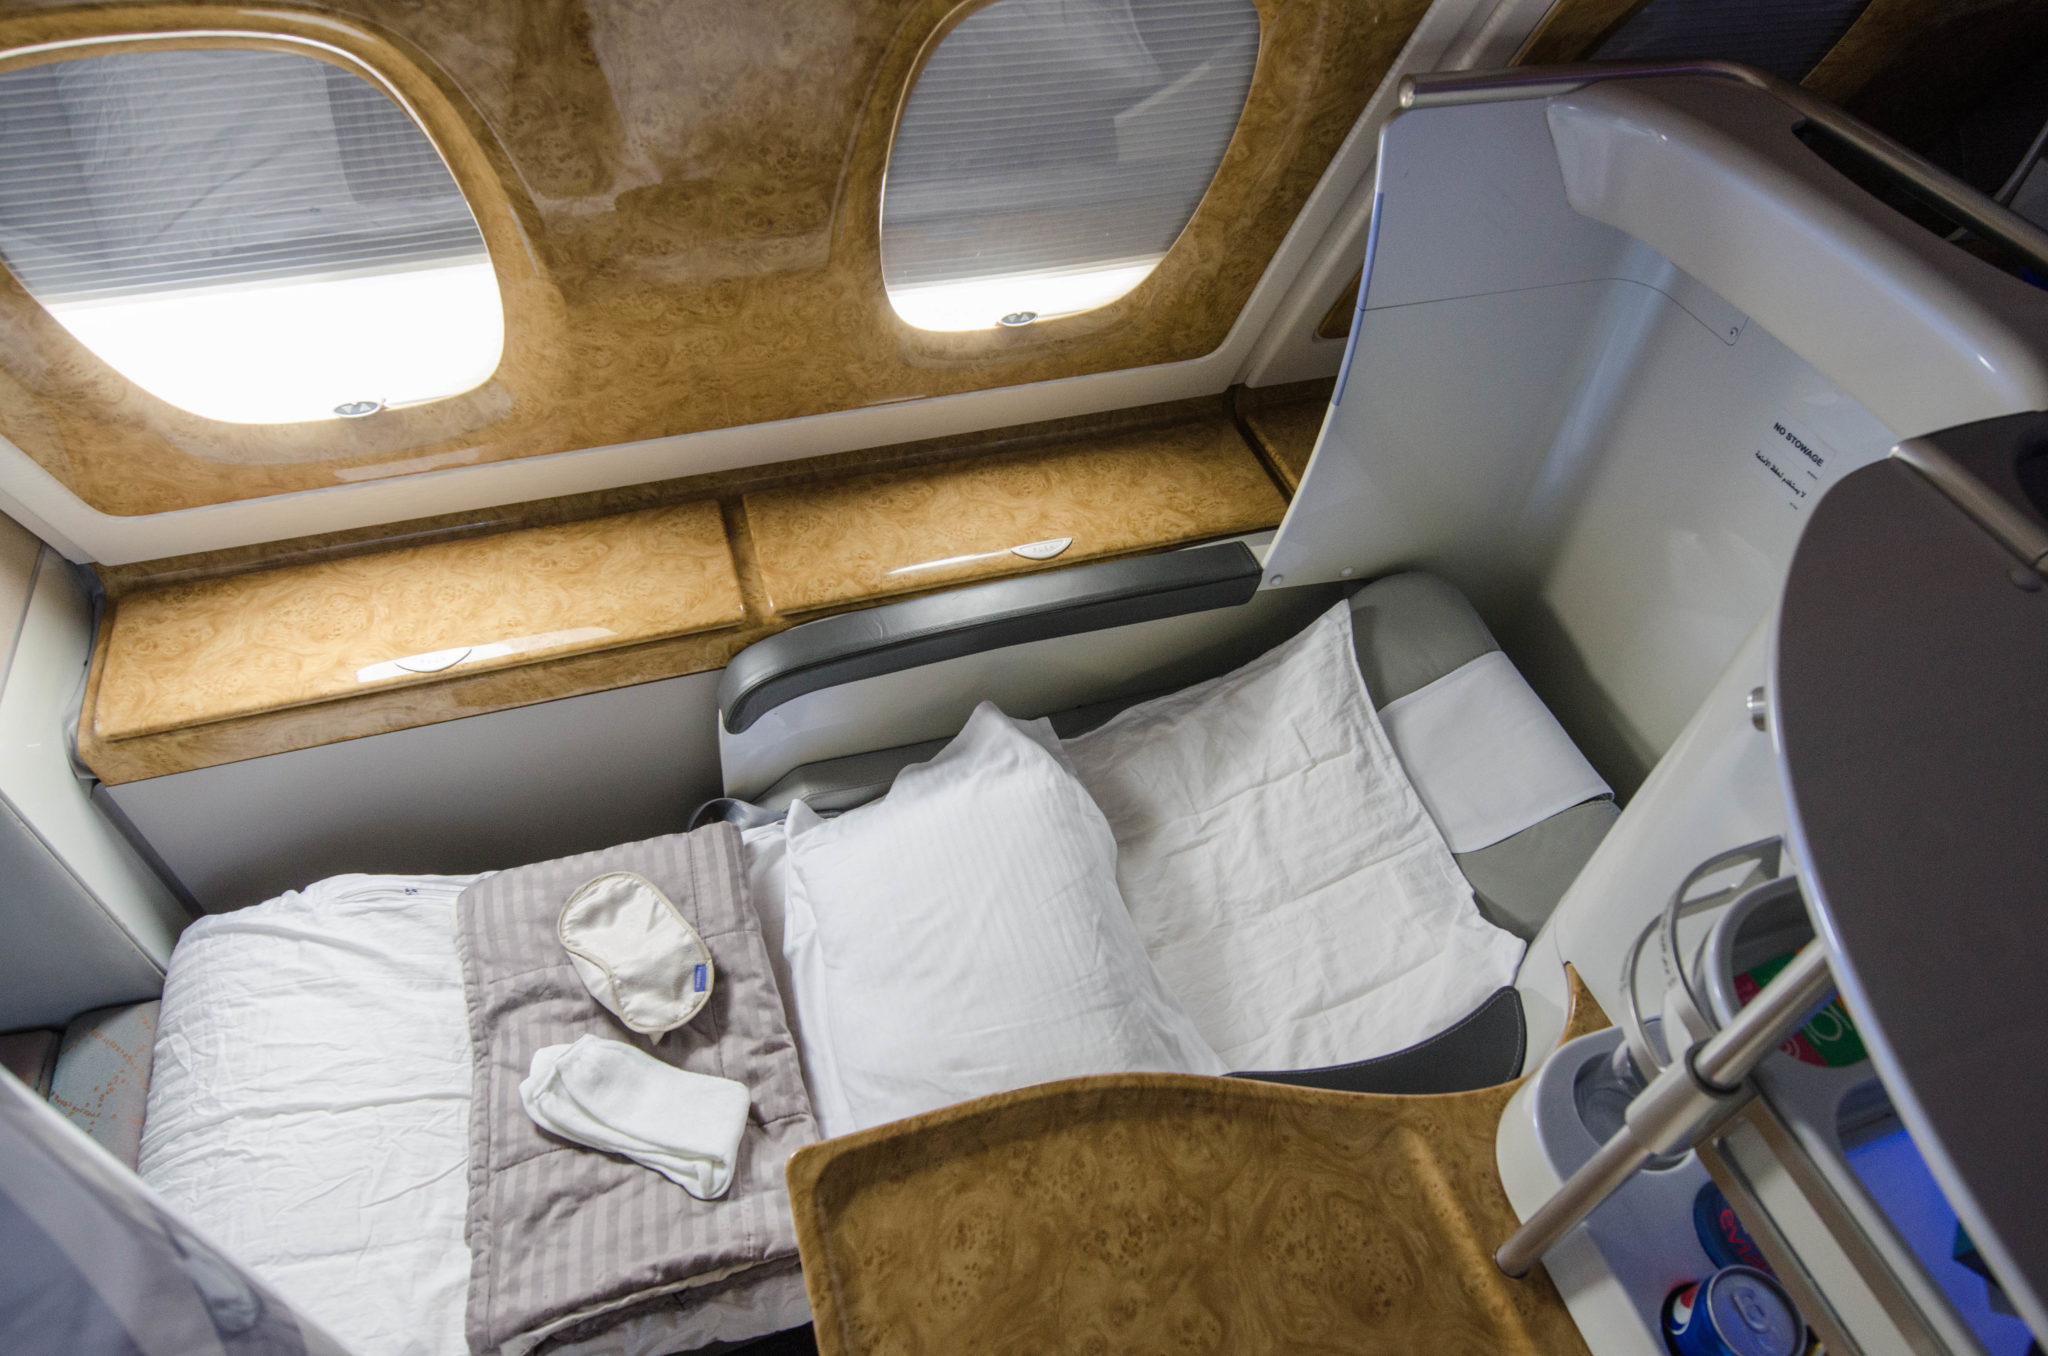 Der Emirates Business Class Sitz lässt sich in ein flaches Bett verwandeln